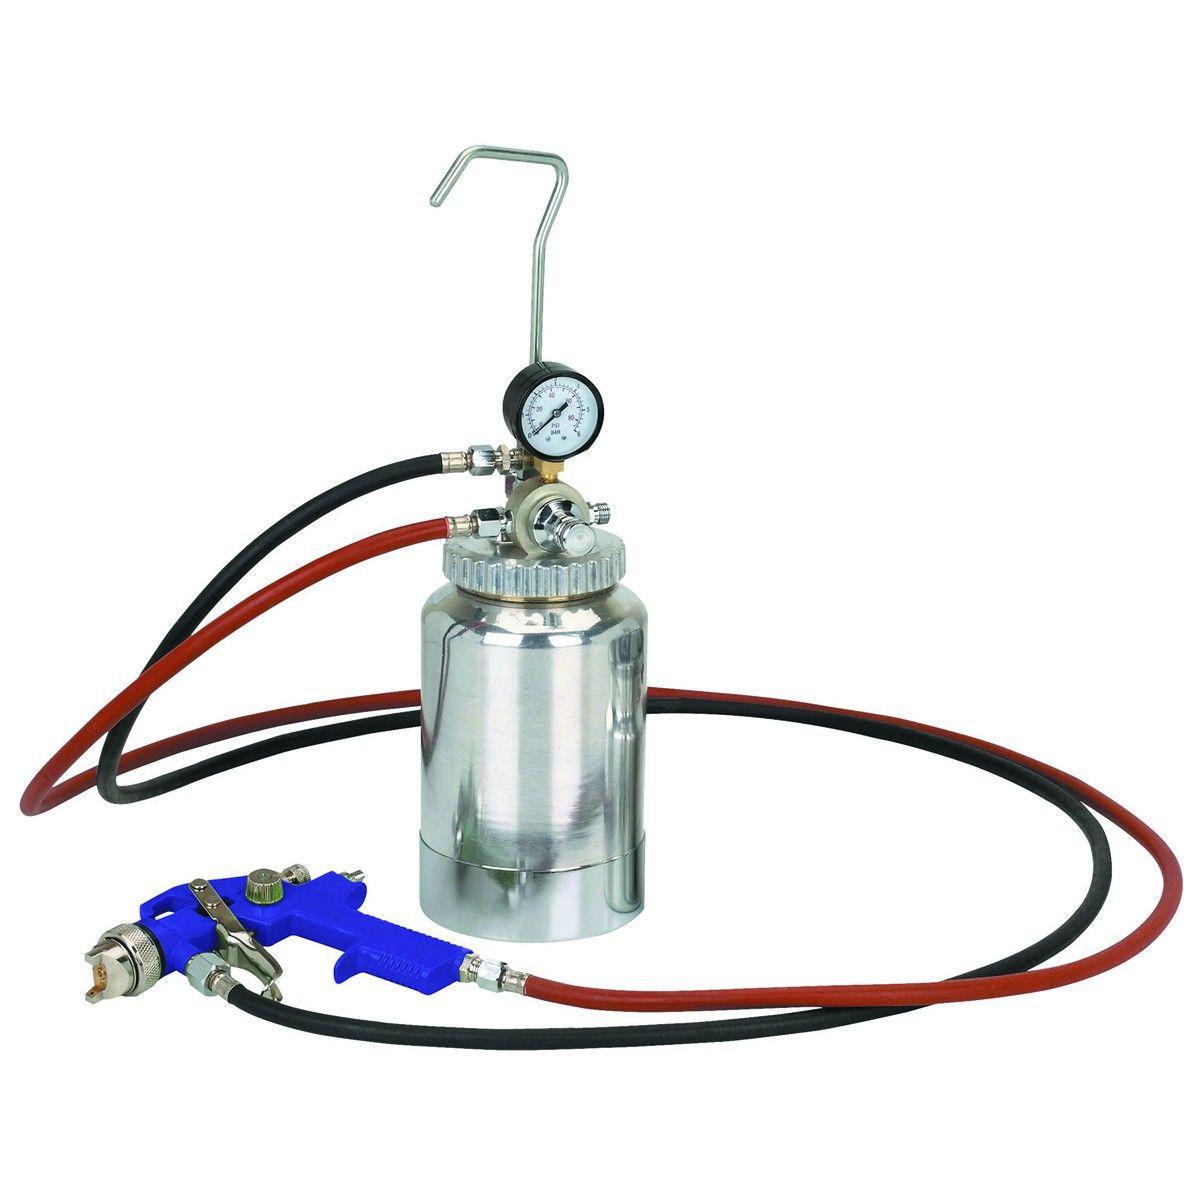 Air Compressor For Spray Paint Gun